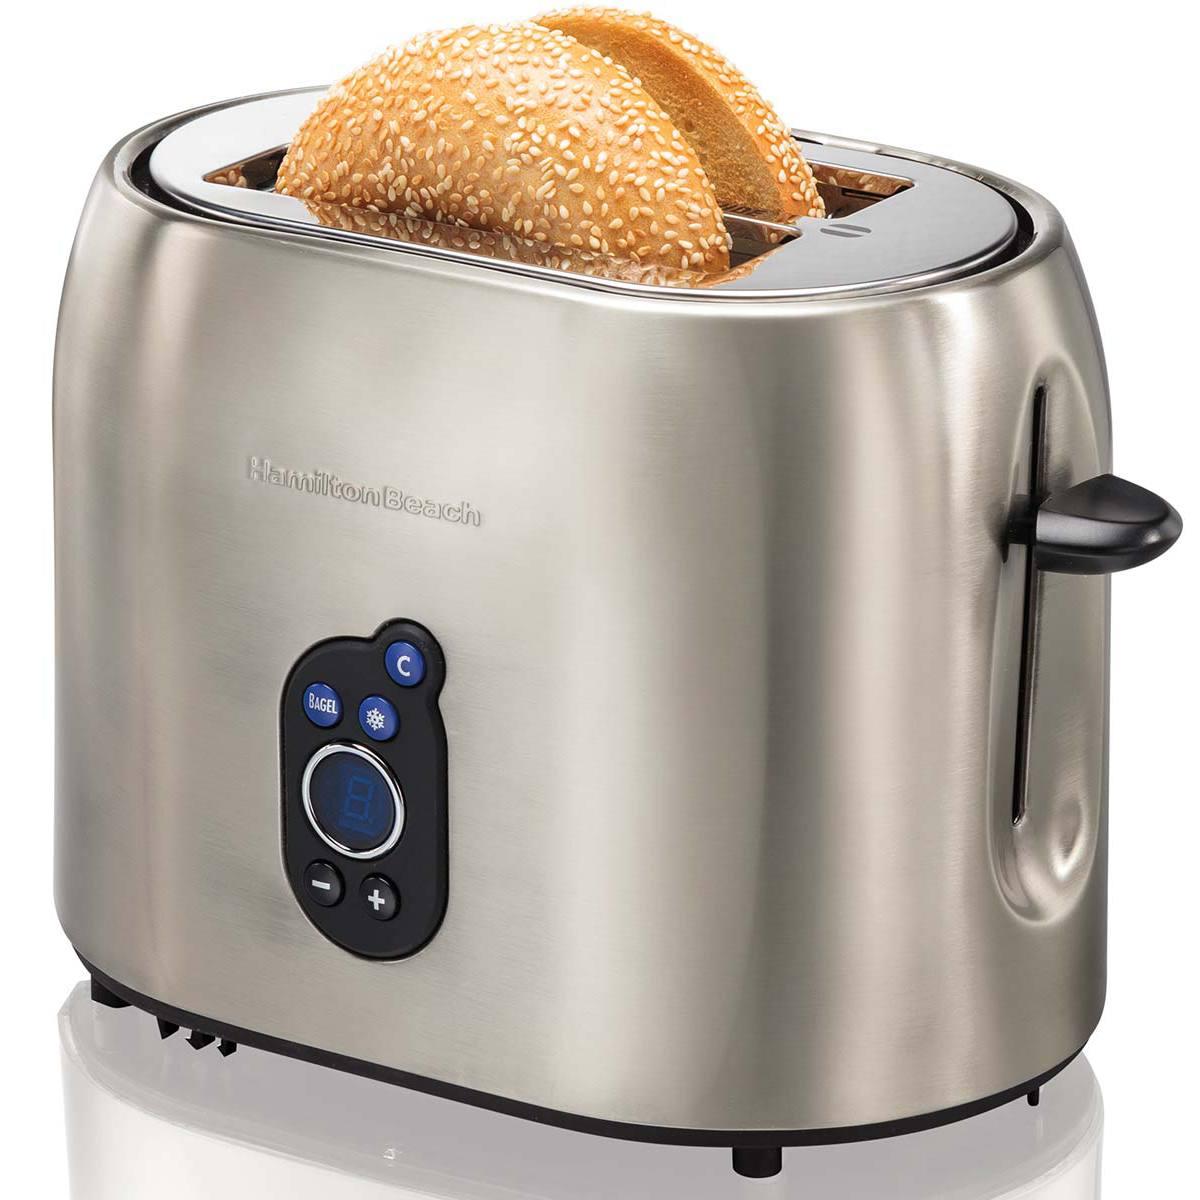 2 Slice Digital Toaster (22702)